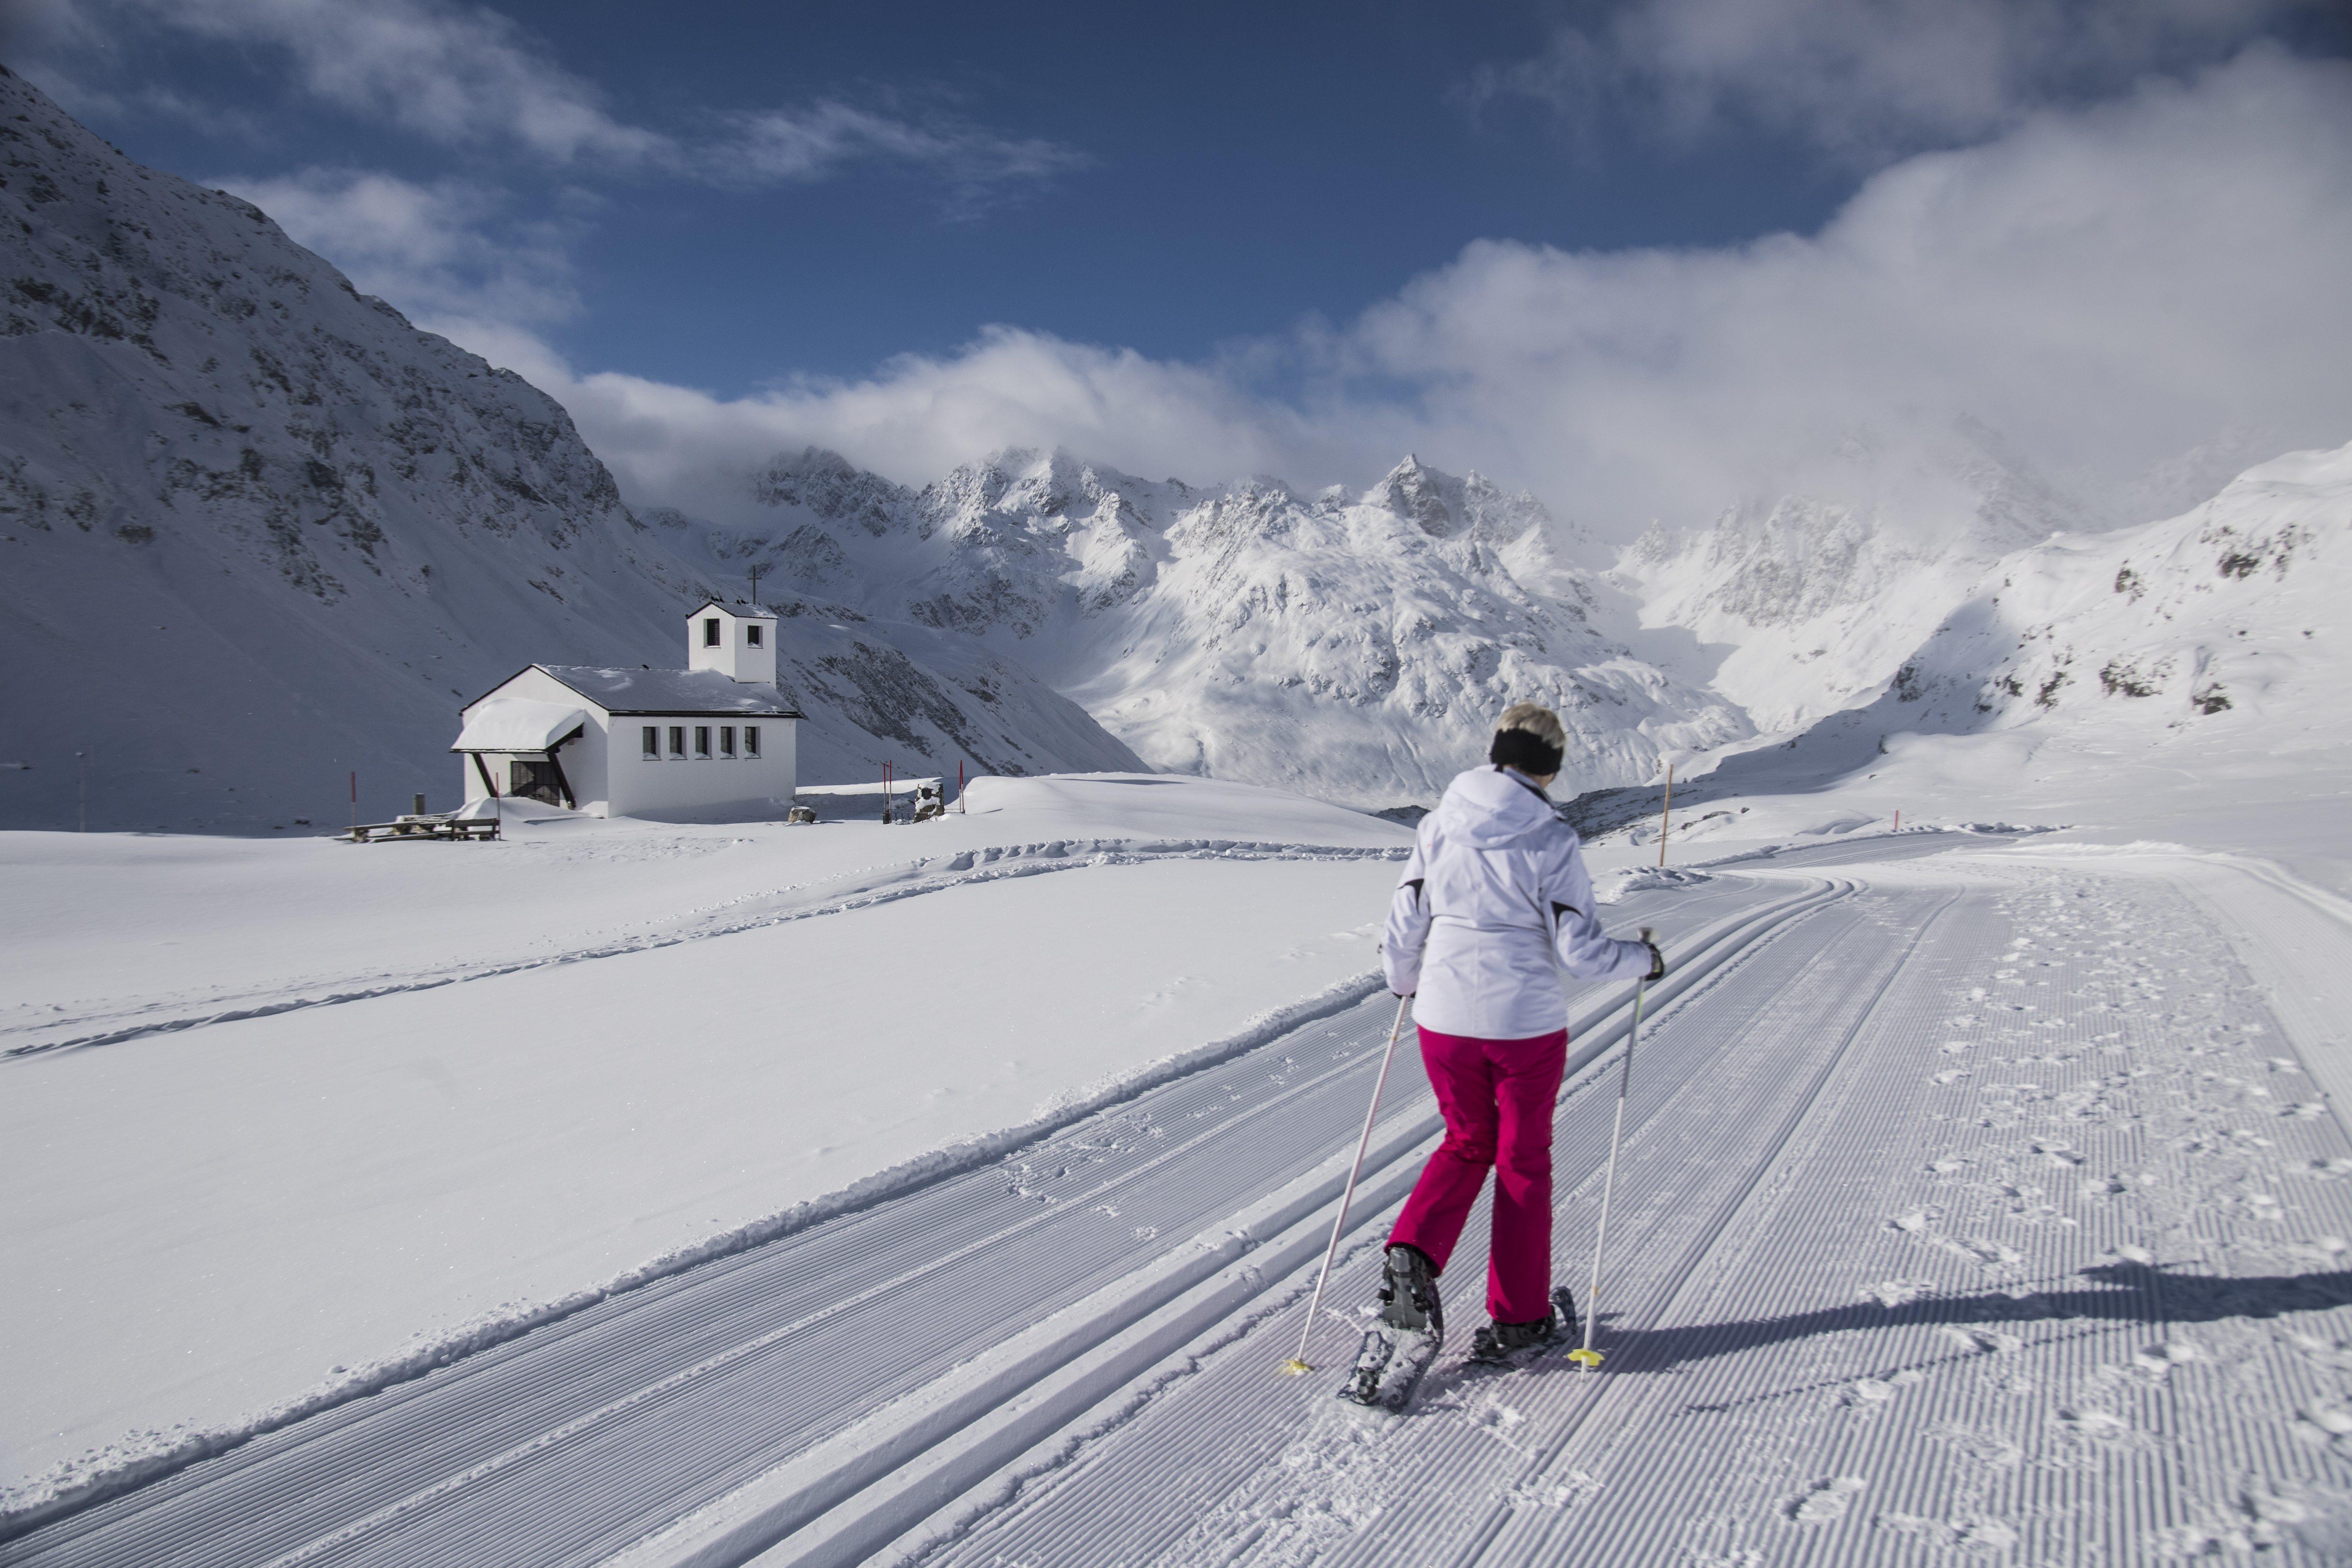 Frau beim Schneeschuhwandern auf einer Loipe am Silvrettasee. In der Nähe des JUFA Hotel Montafon. Der Ort für erholsamen Familienurlaub und einen unvergesslichen Winterurlaub.